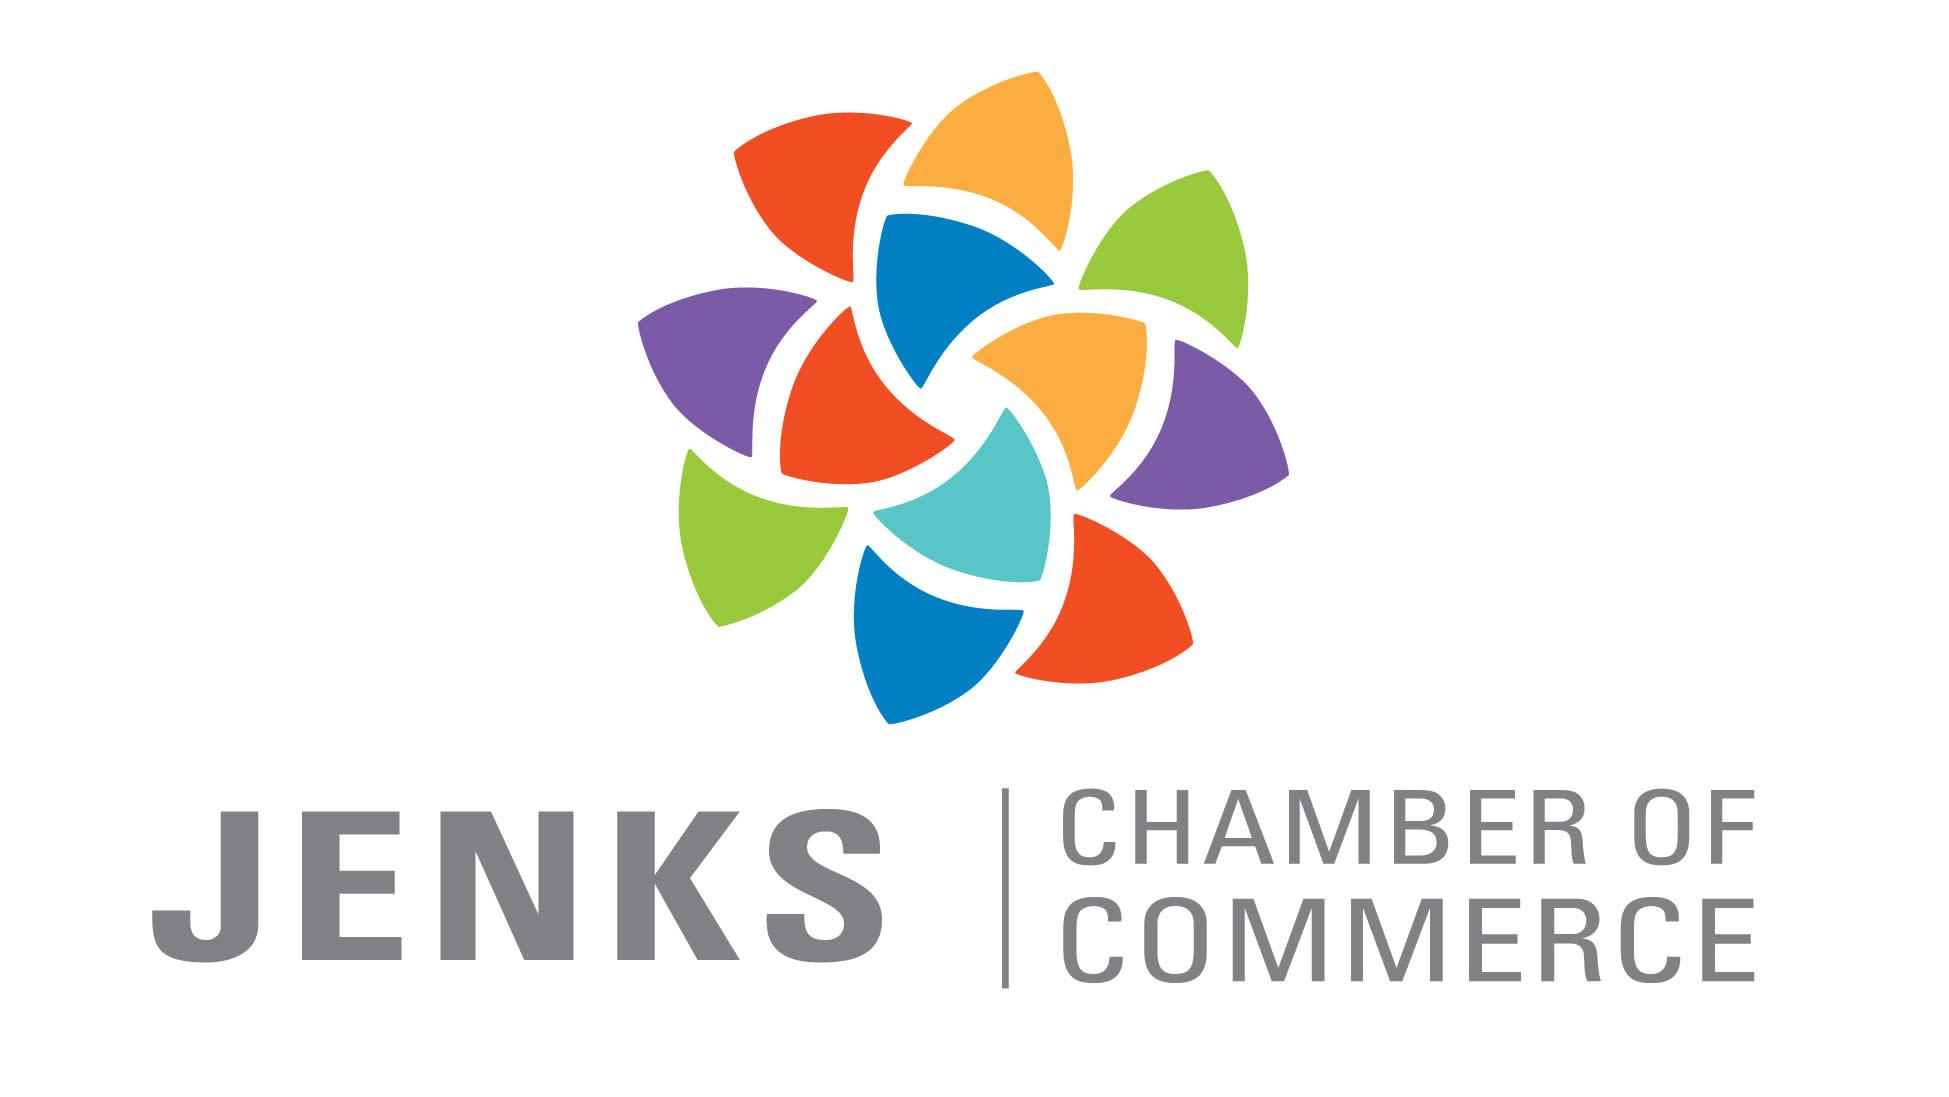 Jenks Chamber of Commerce